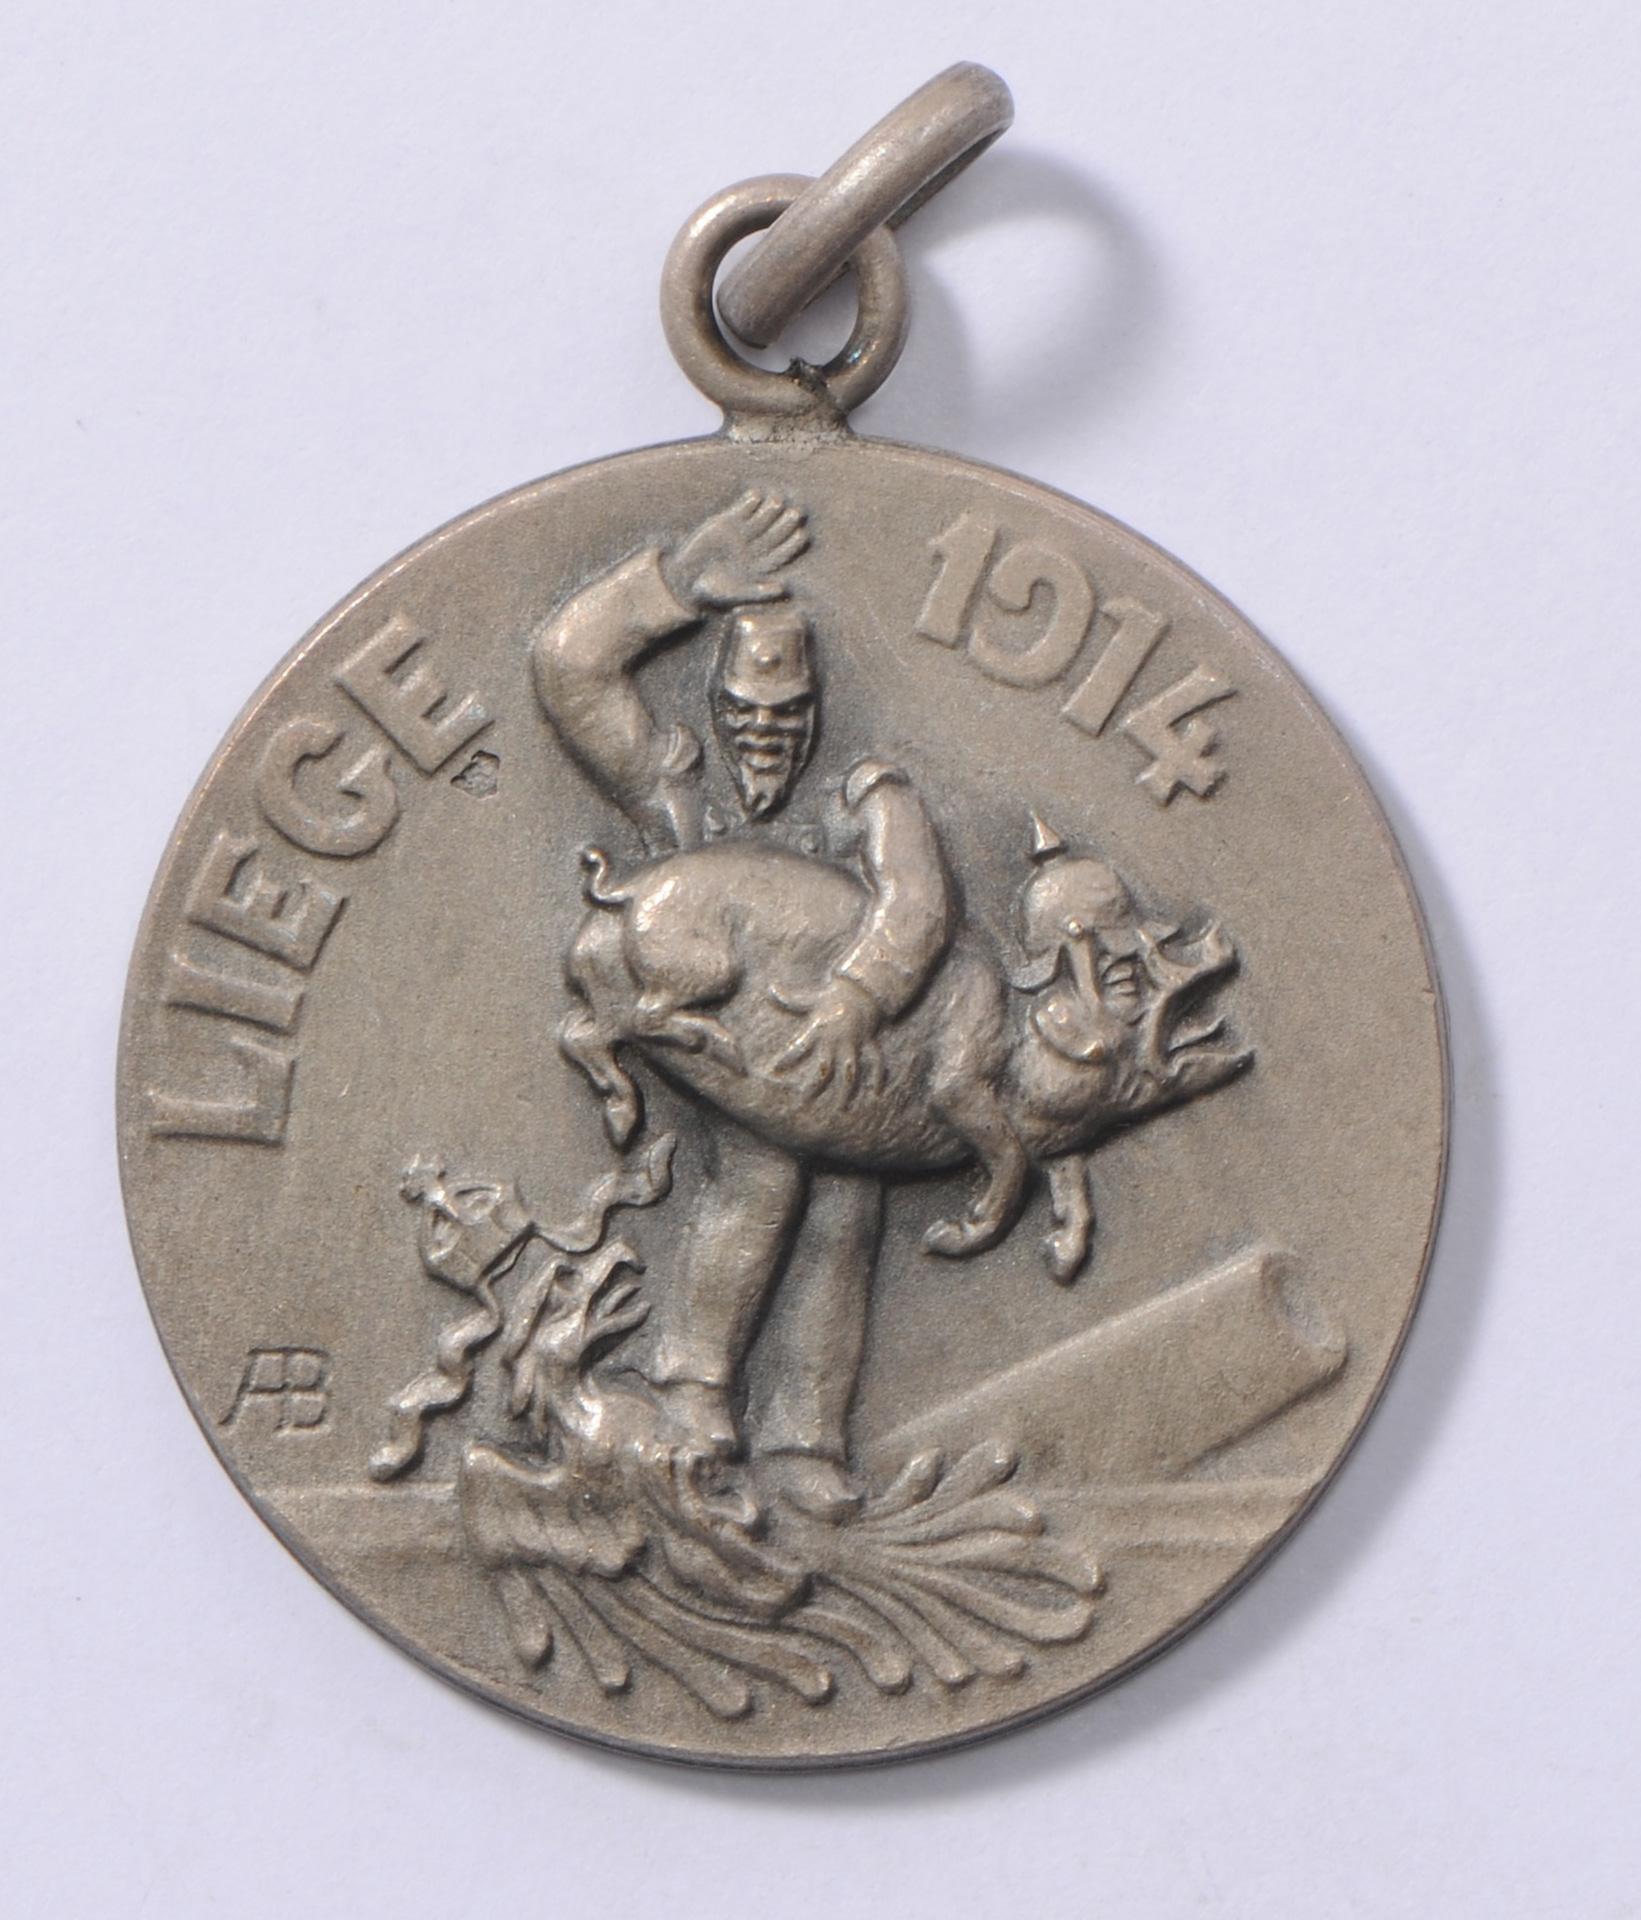 Liège 1914 (medal)